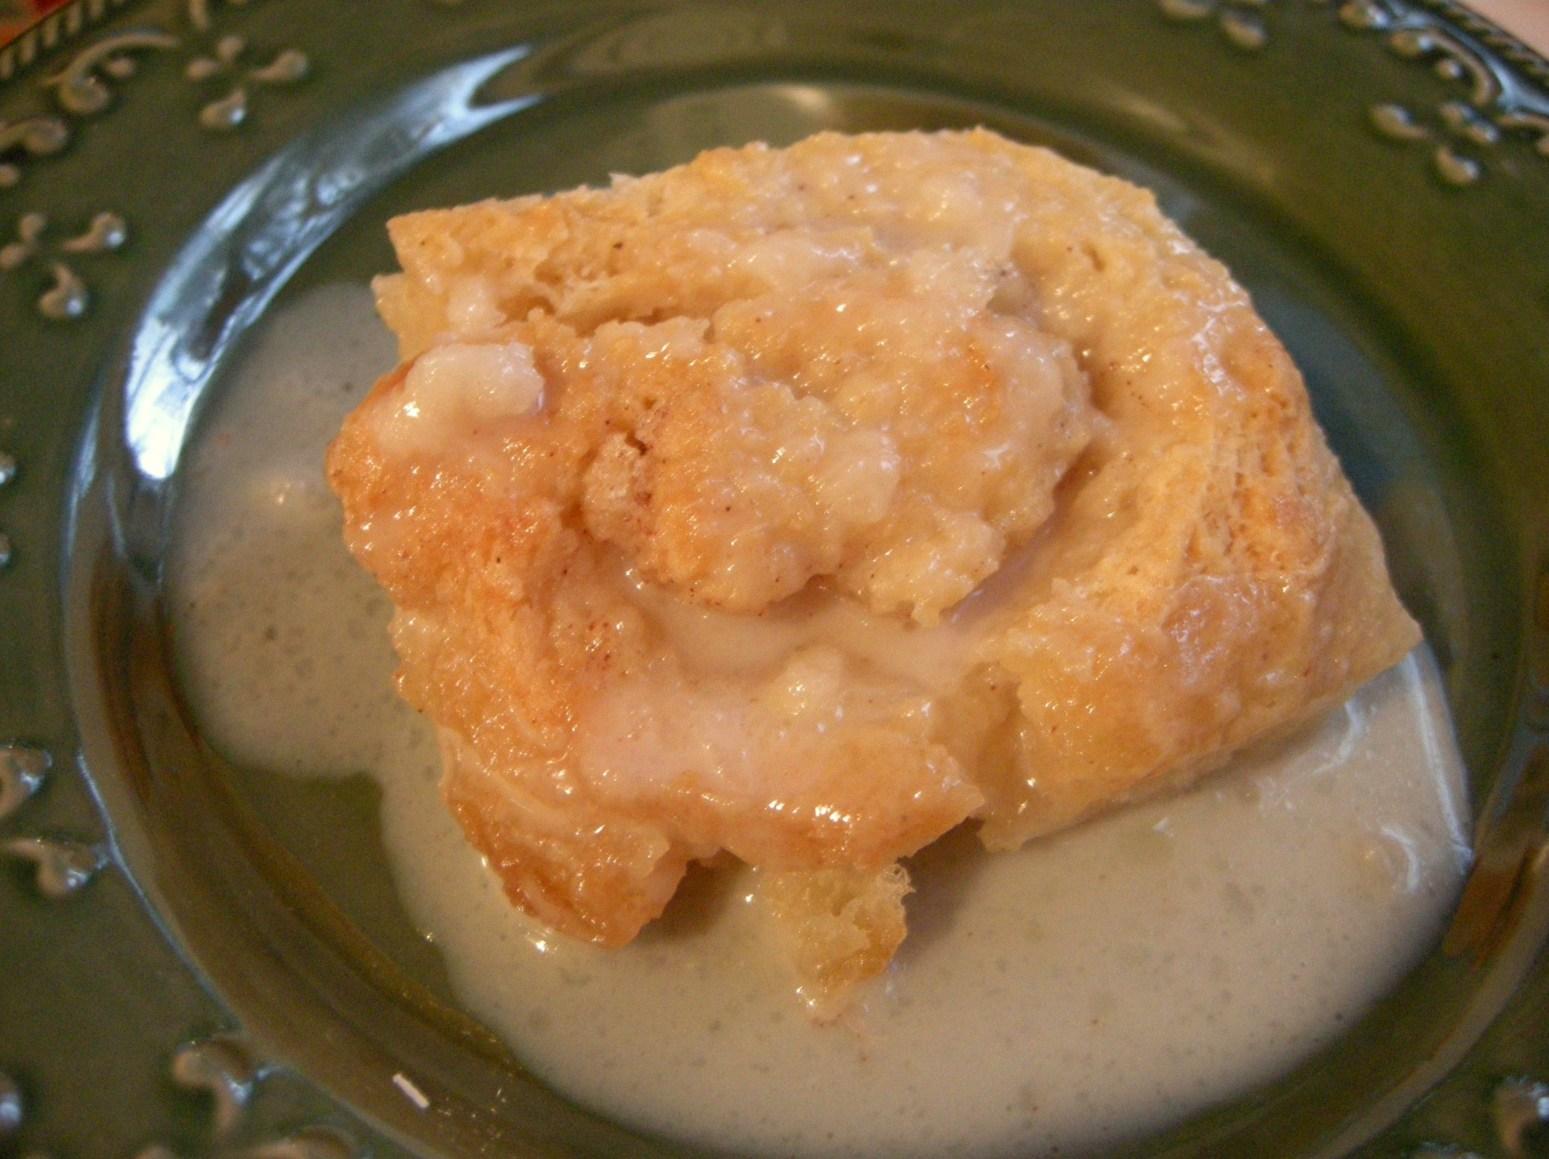 Old Timey Butter Roll Dessert Recipe